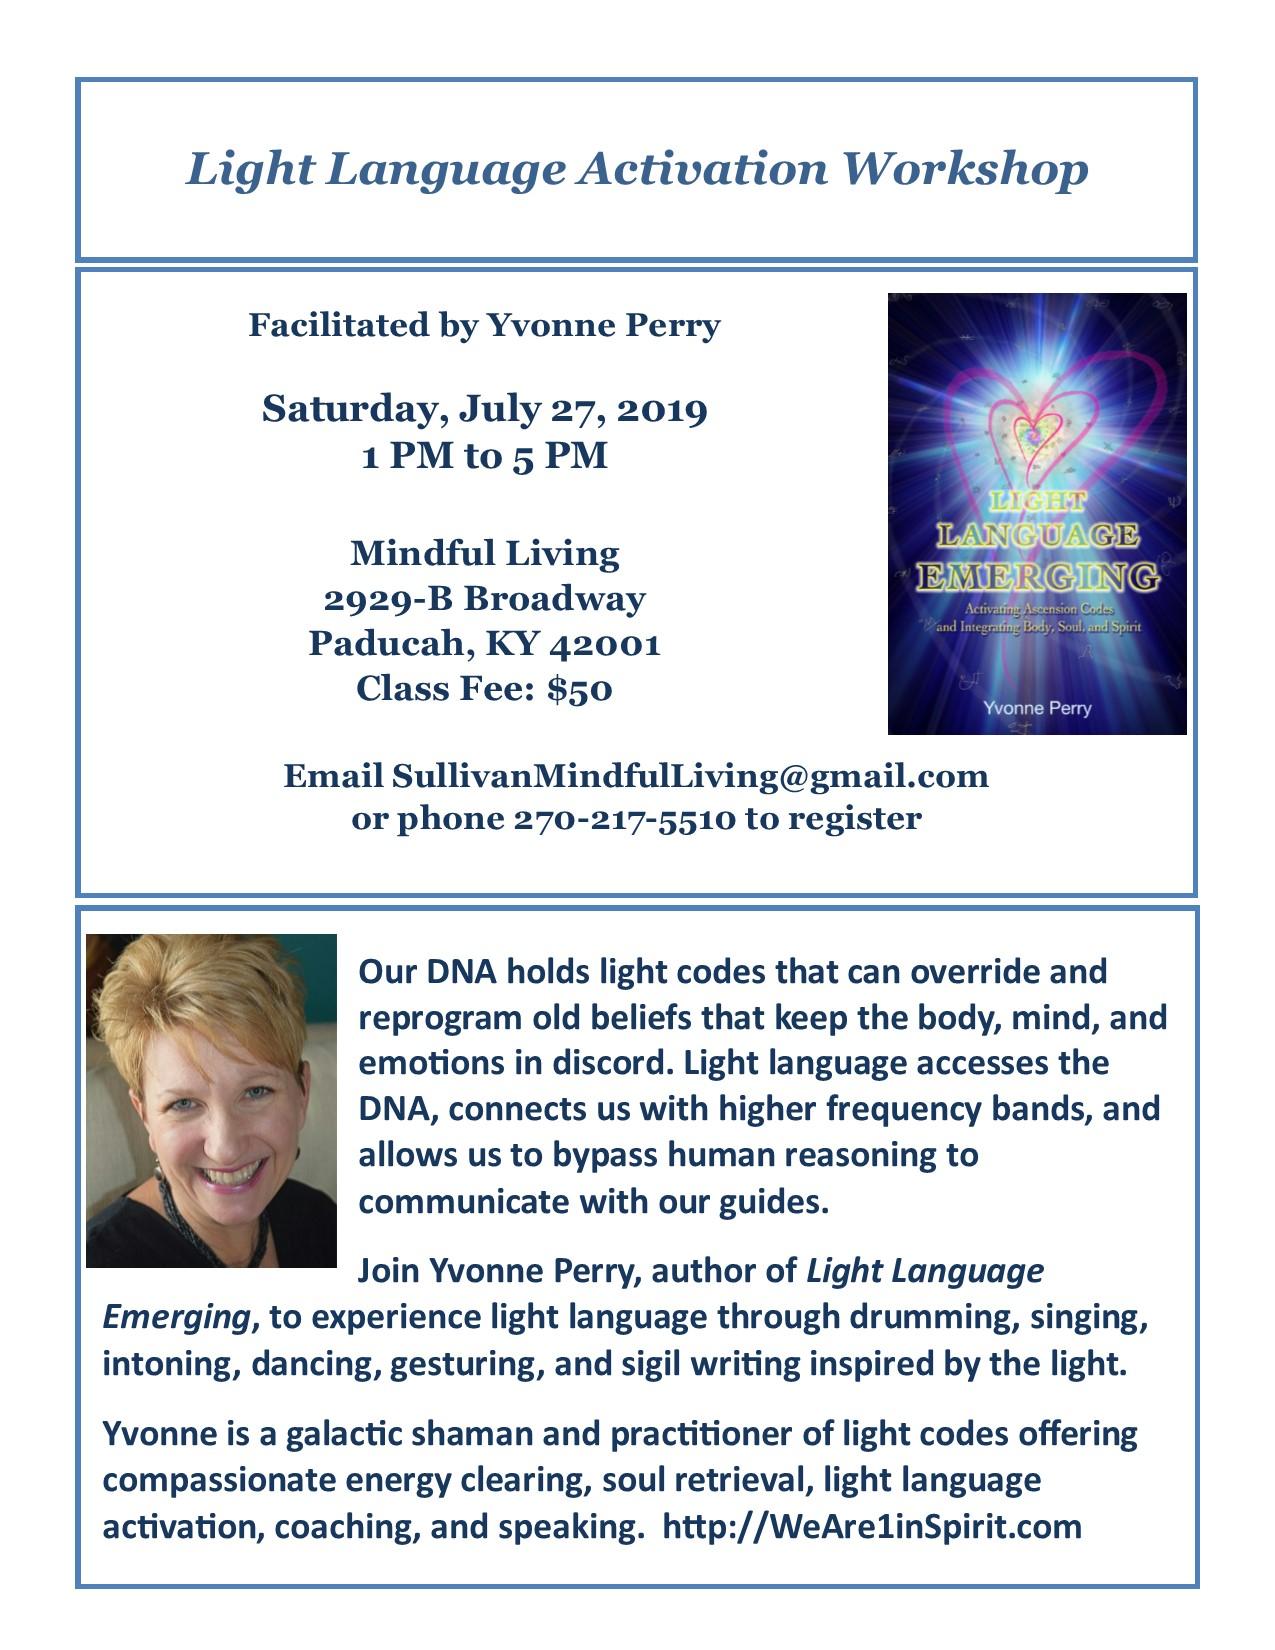 Light Language Seminar 7-27-19 Debe.jpg